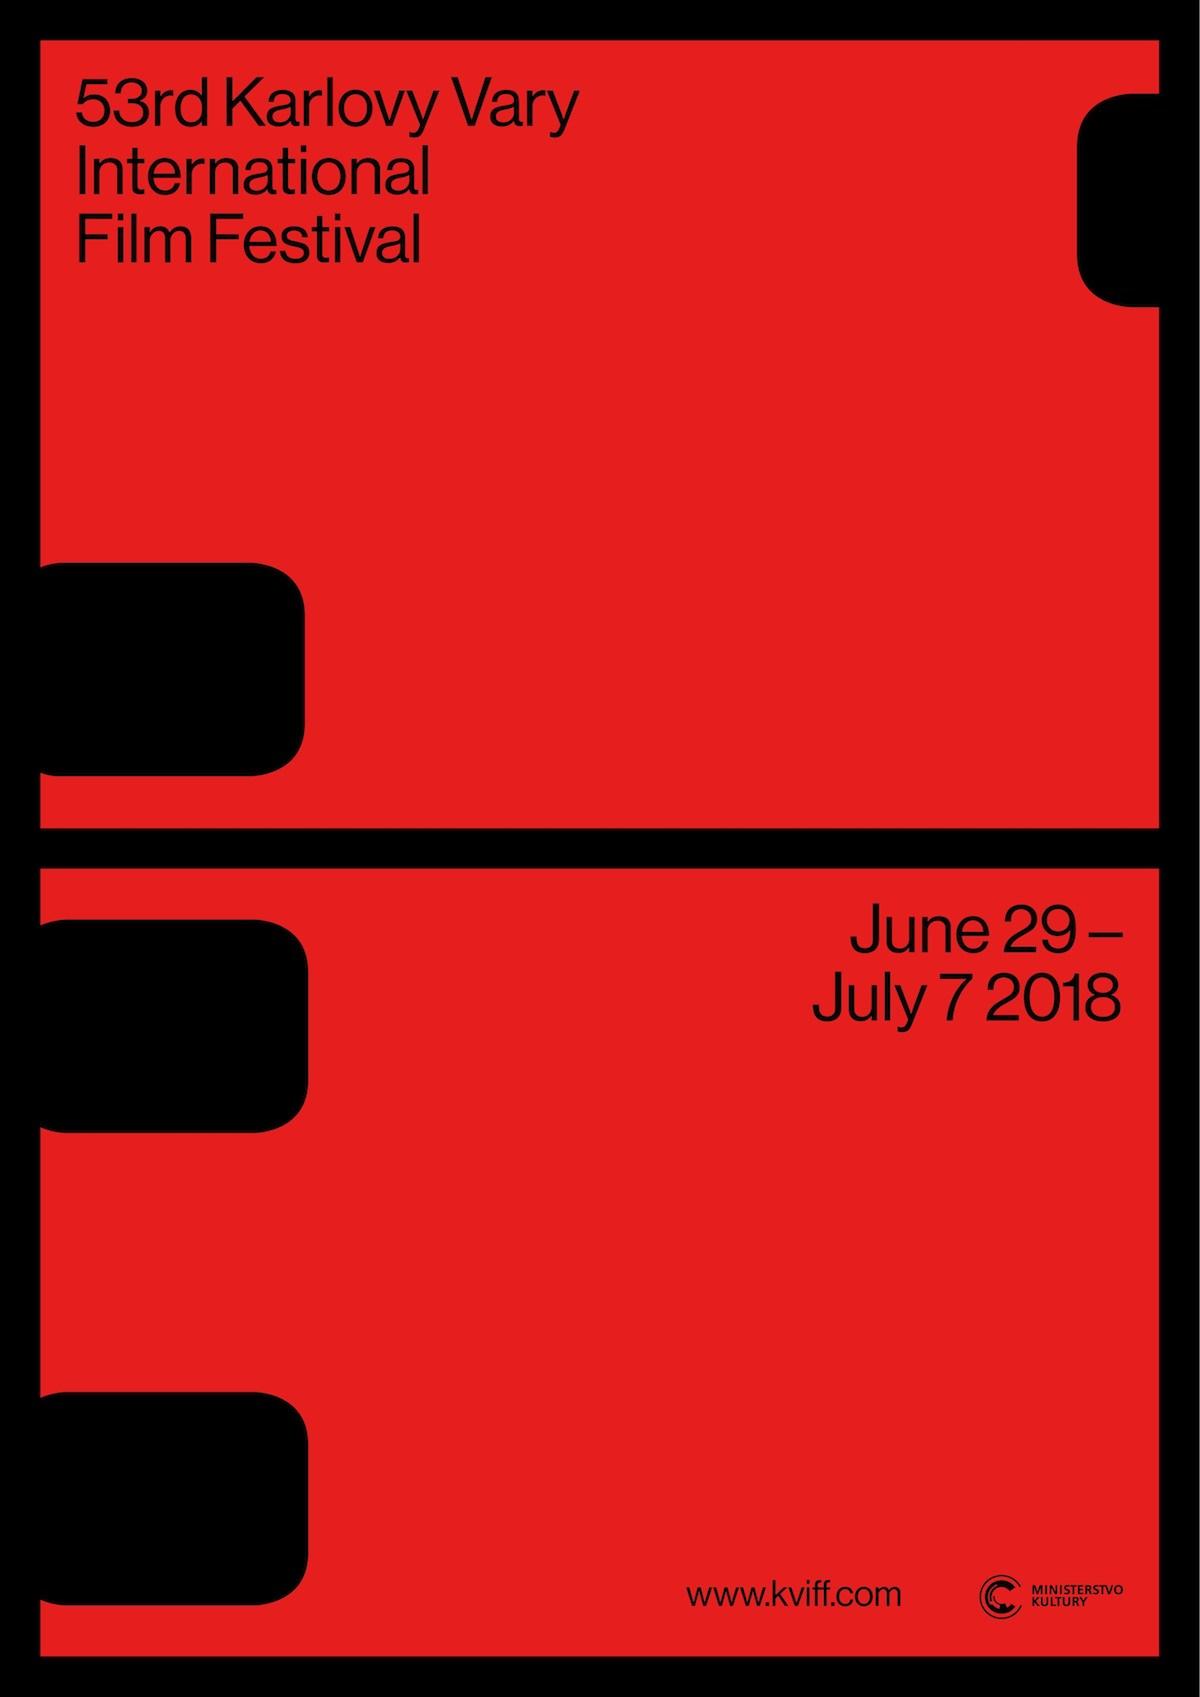 Plakát 53. ročníku filmového festivalu v Karlových Varech